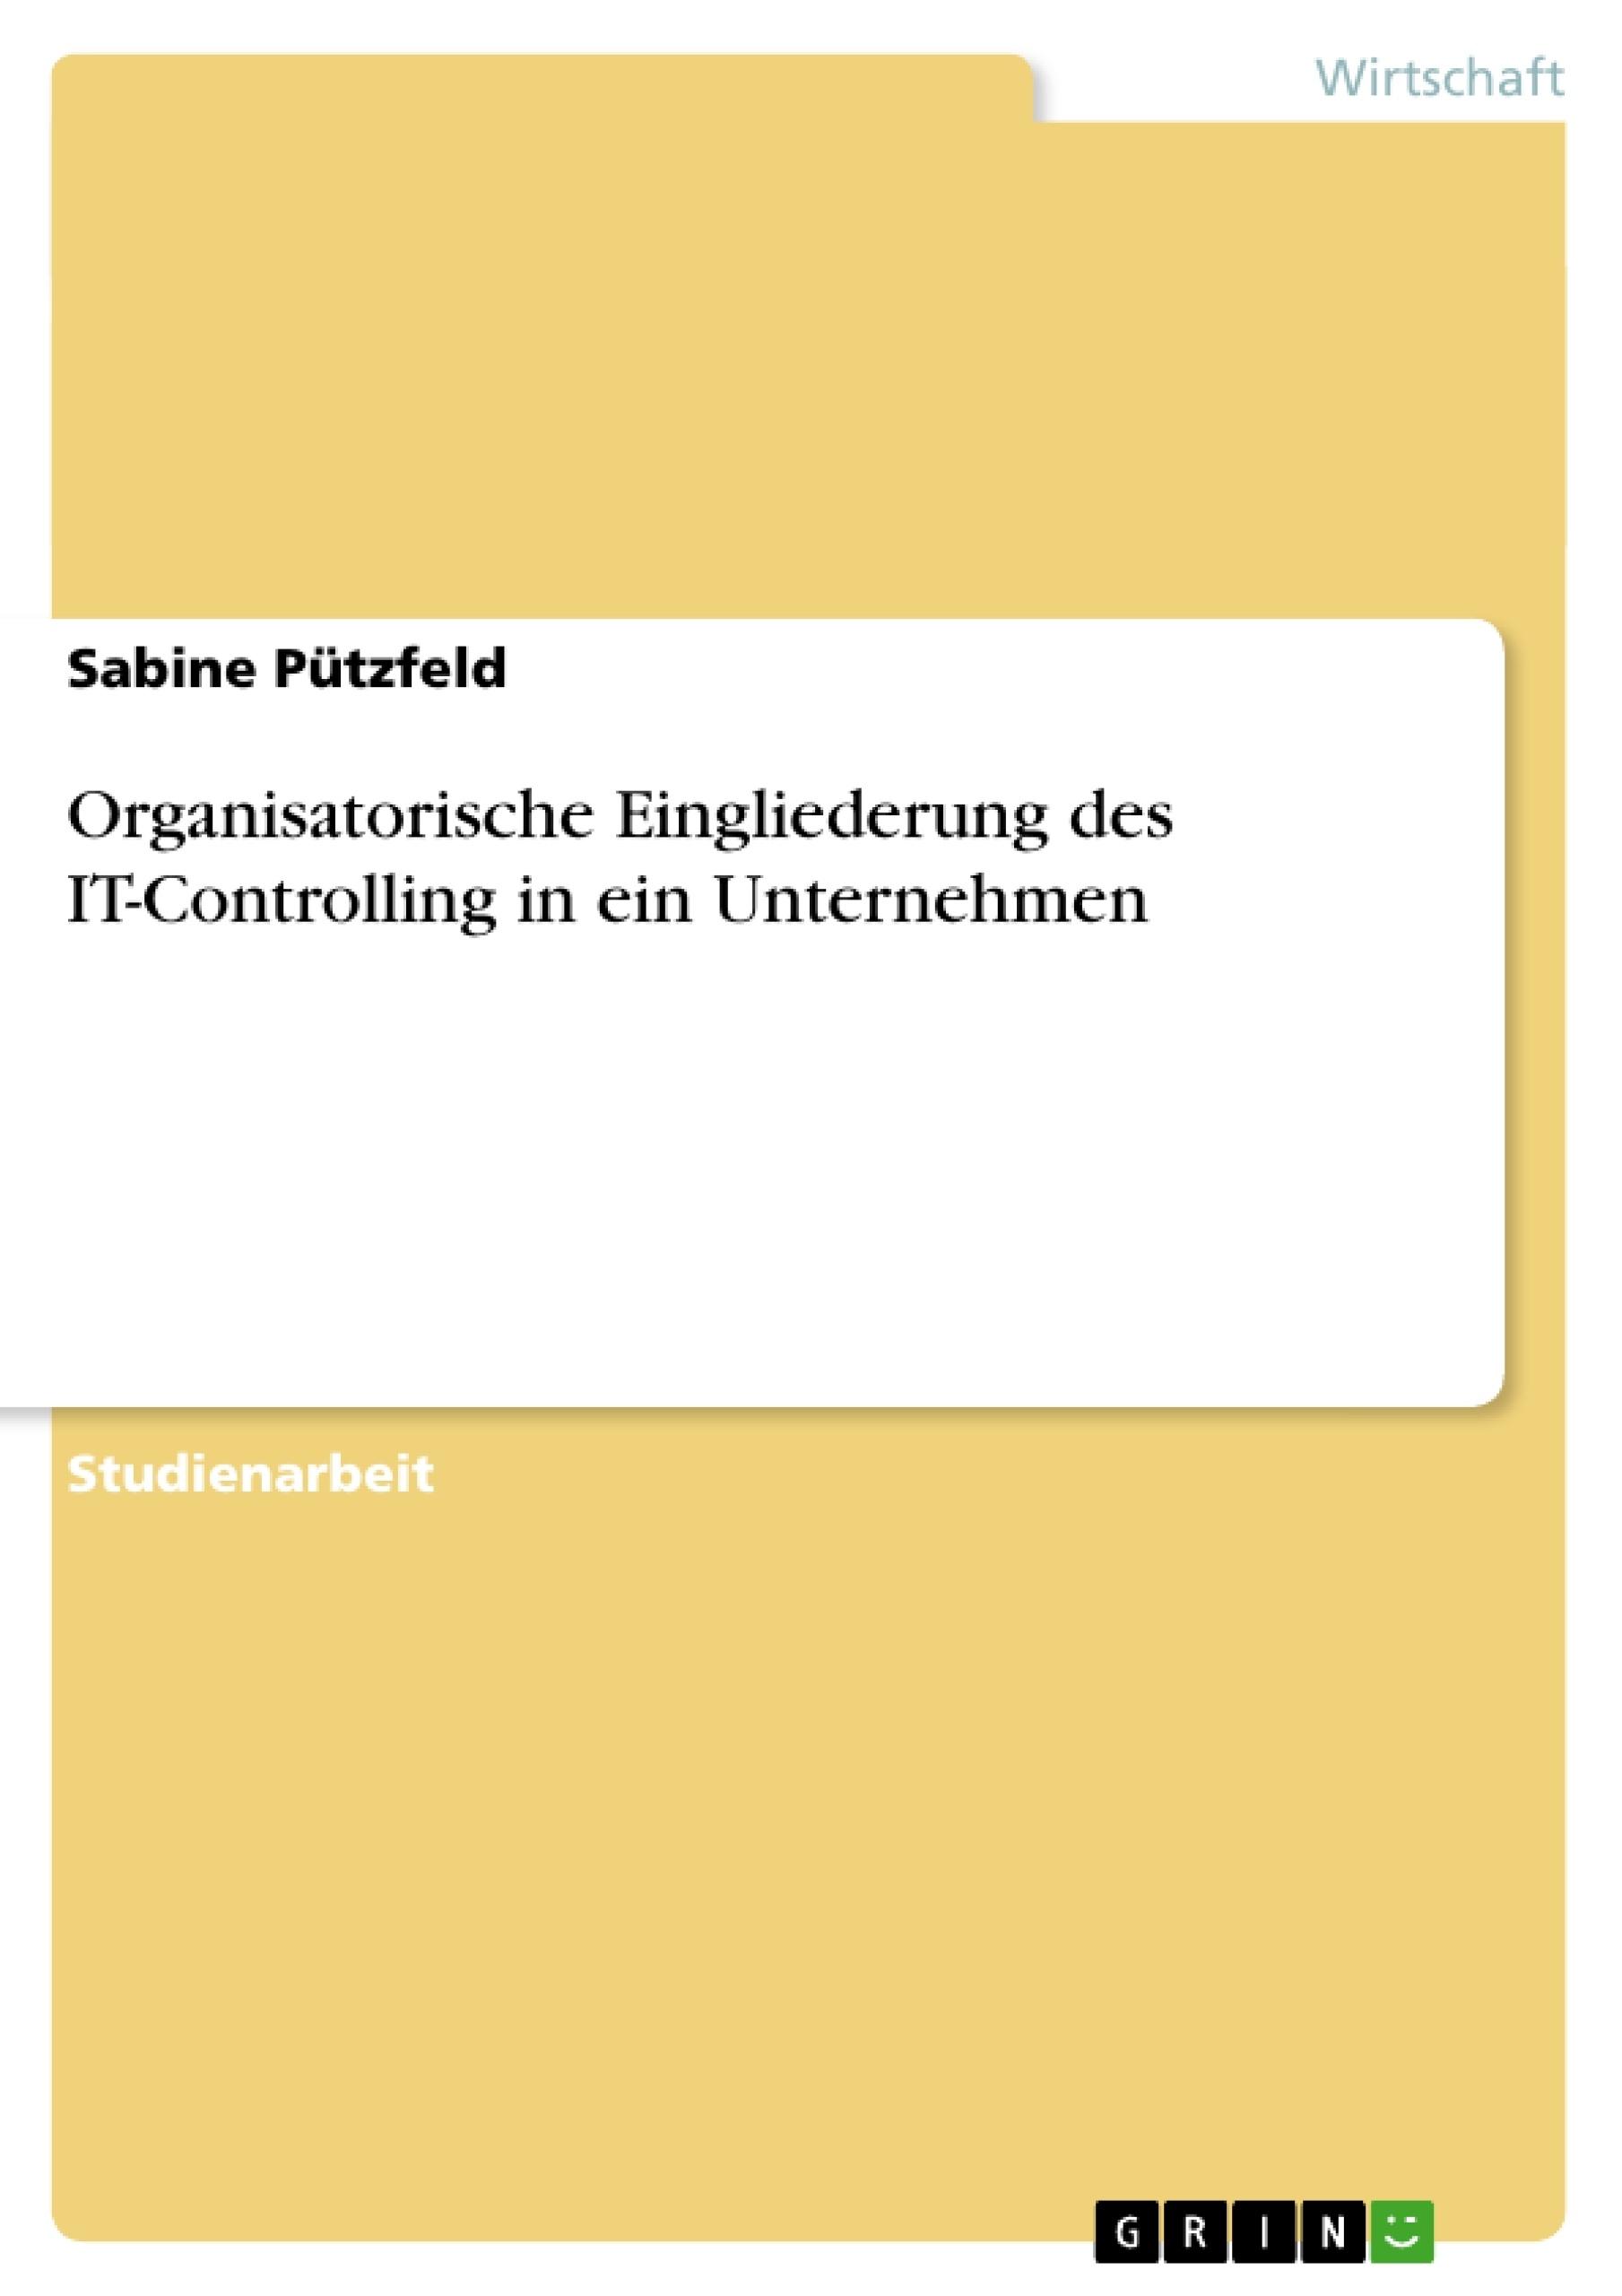 Titel: Organisatorische Eingliederung des IT-Controlling in ein Unternehmen